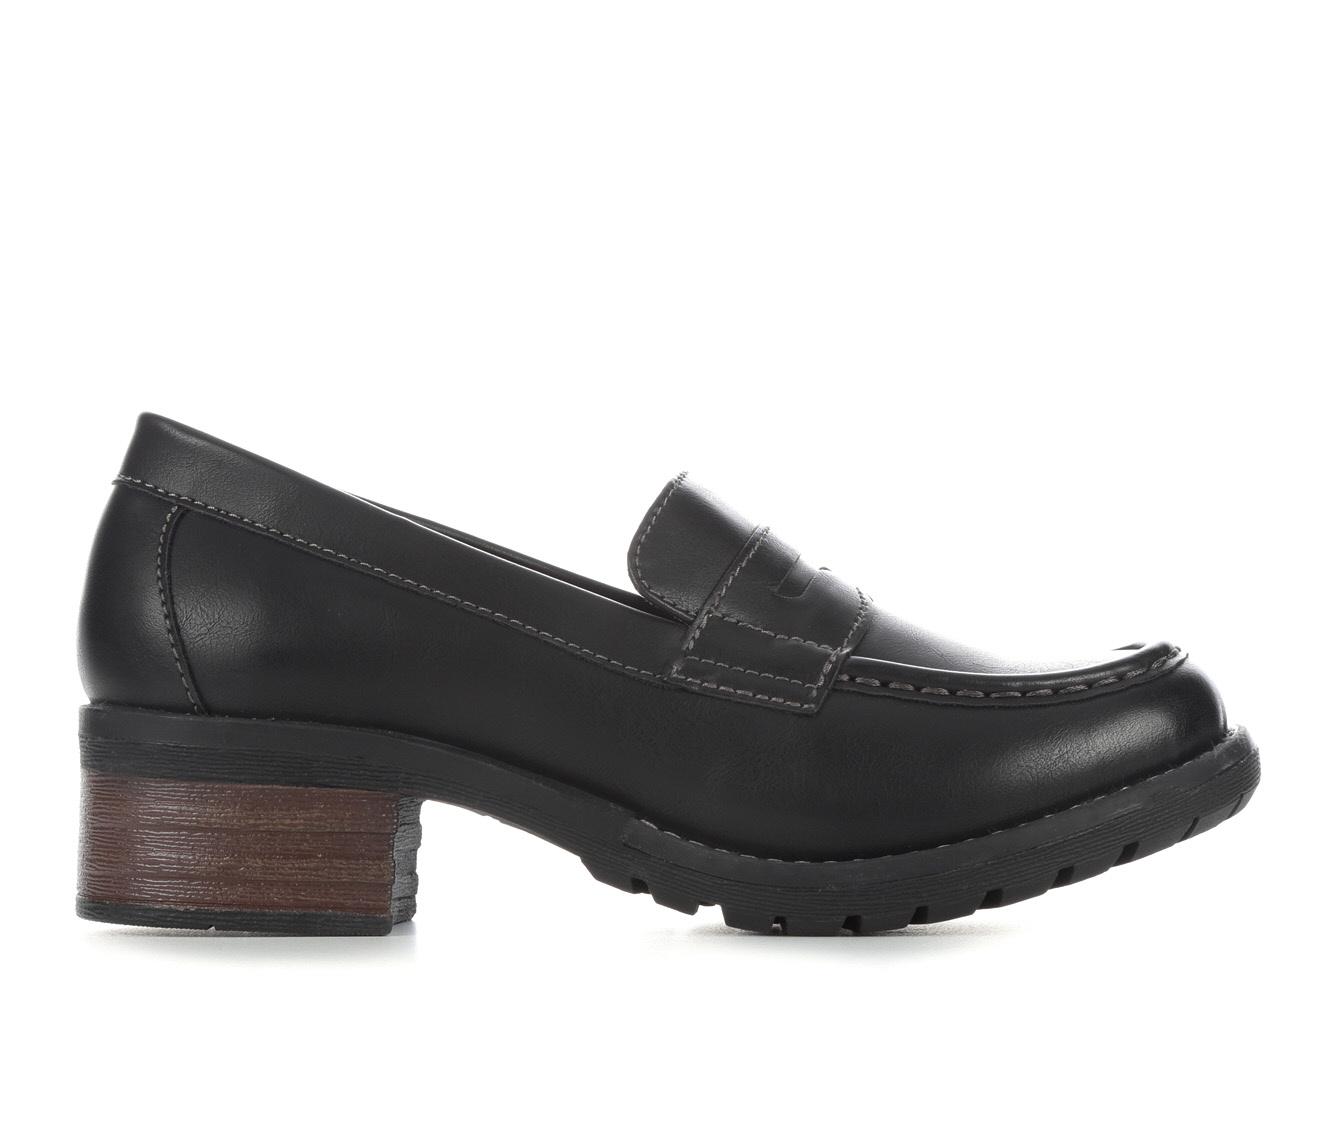 Eastland Holly Women's Shoe (Black Faux Leather)